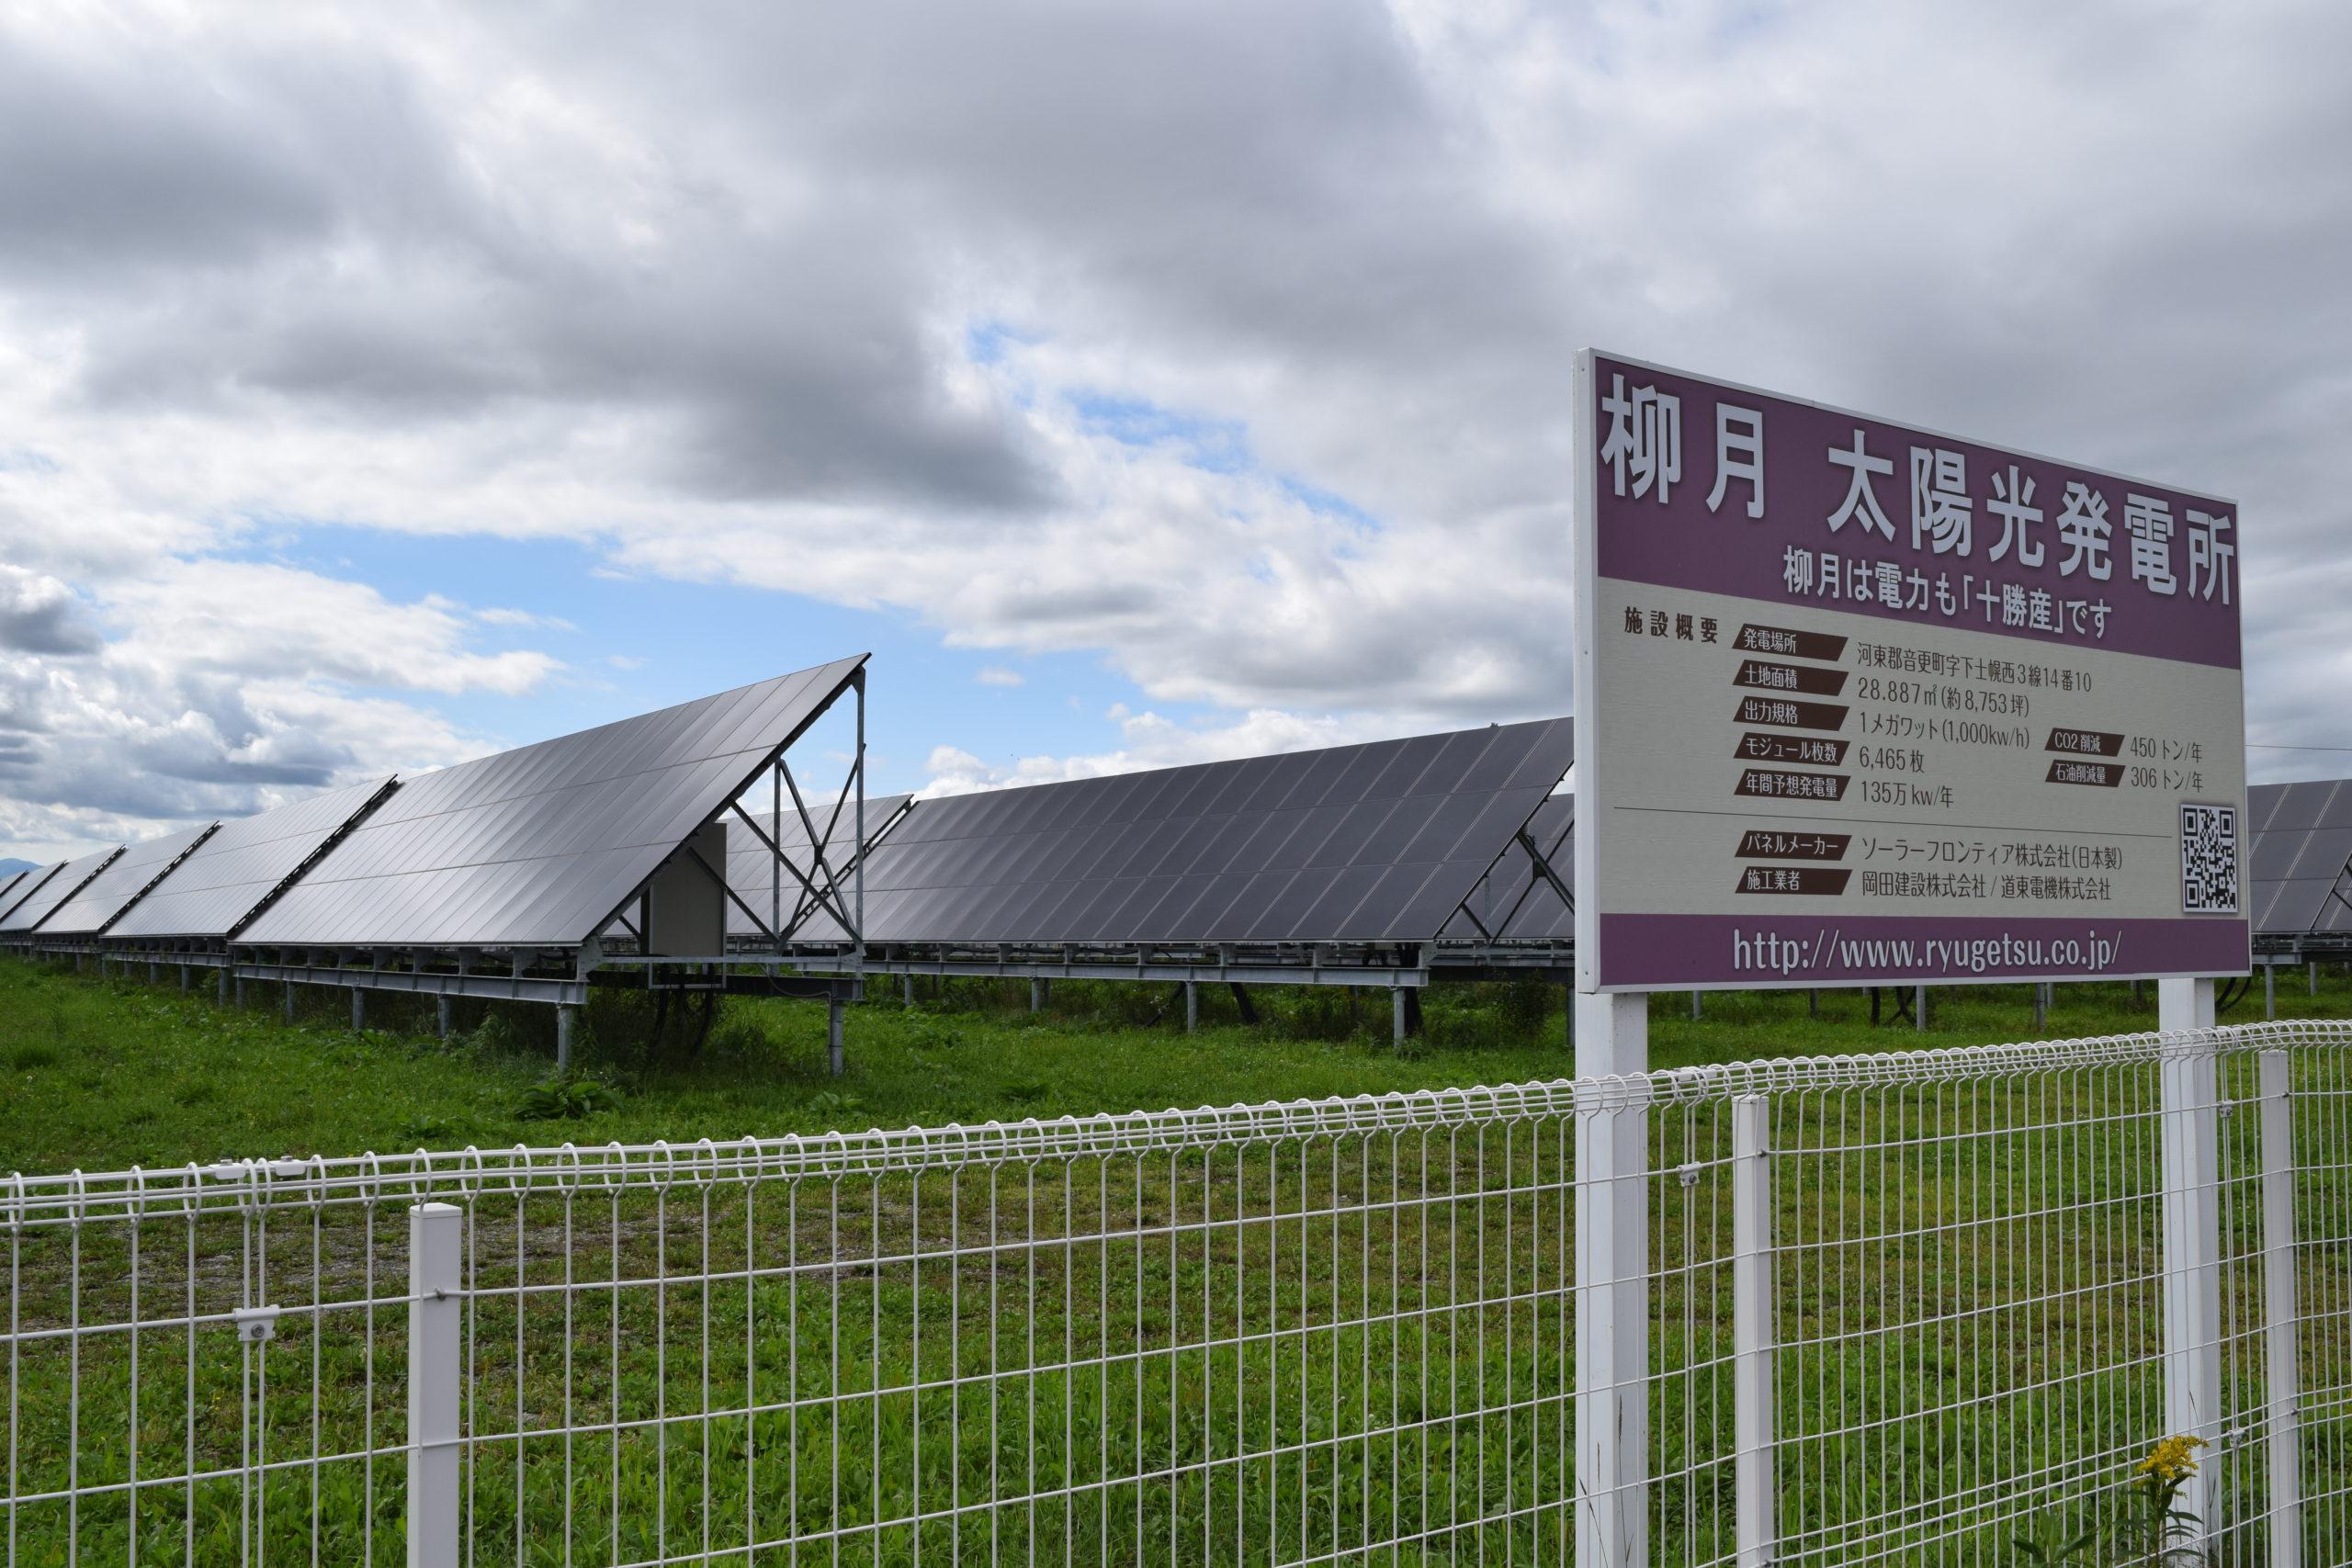 柳月太陽光発電所(柳月スイートピアガーデン発電所)